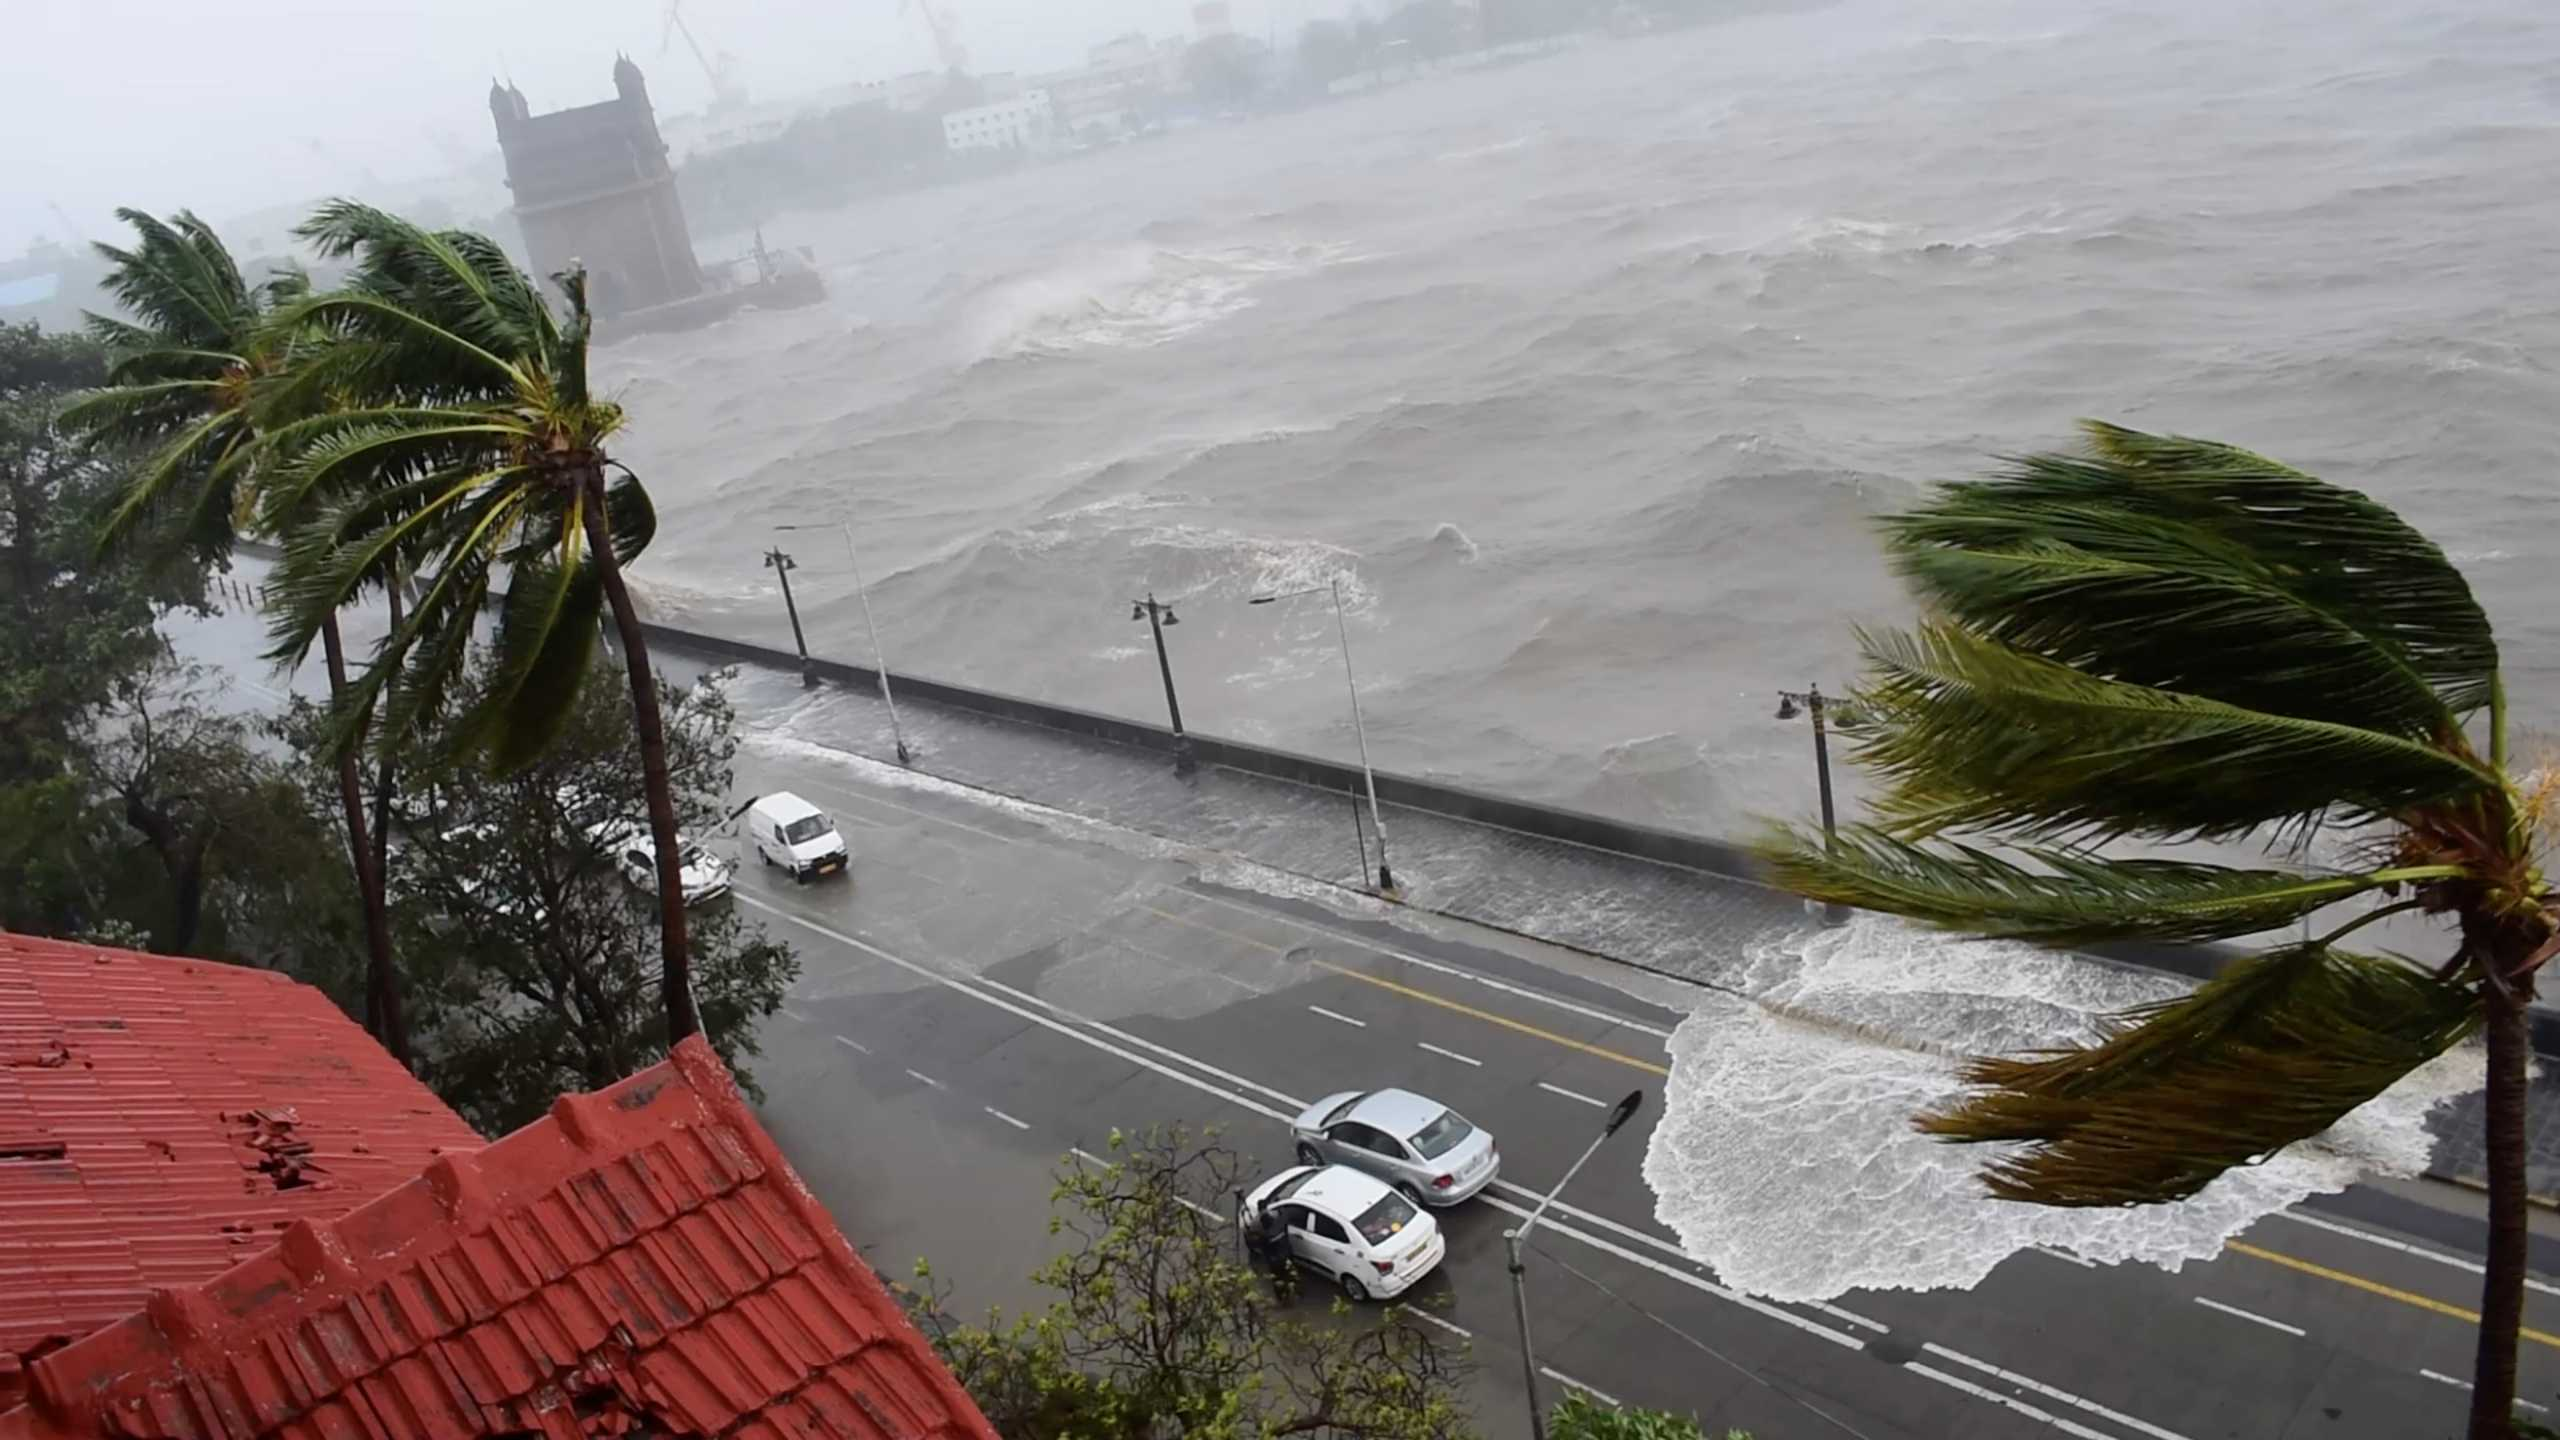 Ινδία: Συνεχίζει το σφυροκόπημα ο κυκλώνας Tauktae – Εγκαταλείπουν τα νοσοκομεία ασθενείς με κορονοϊό